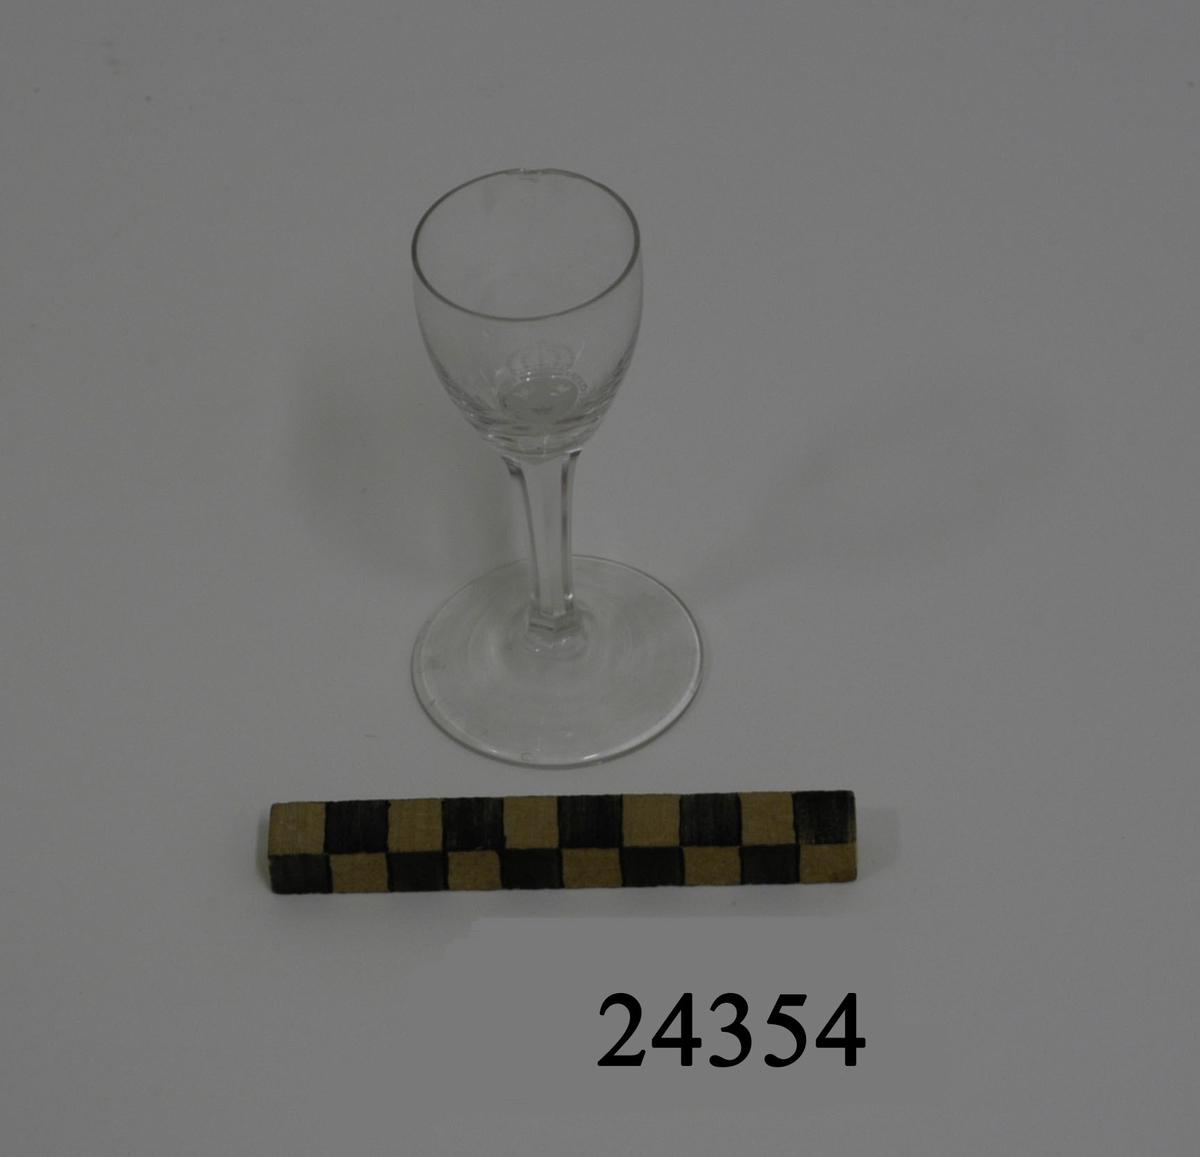 Sherryglas med liten välvd kupa. Smalt fasettslipat ben. Rund plan fot. På kupan inetsat, lilla riksvapnet omgivet av serafimerorden.